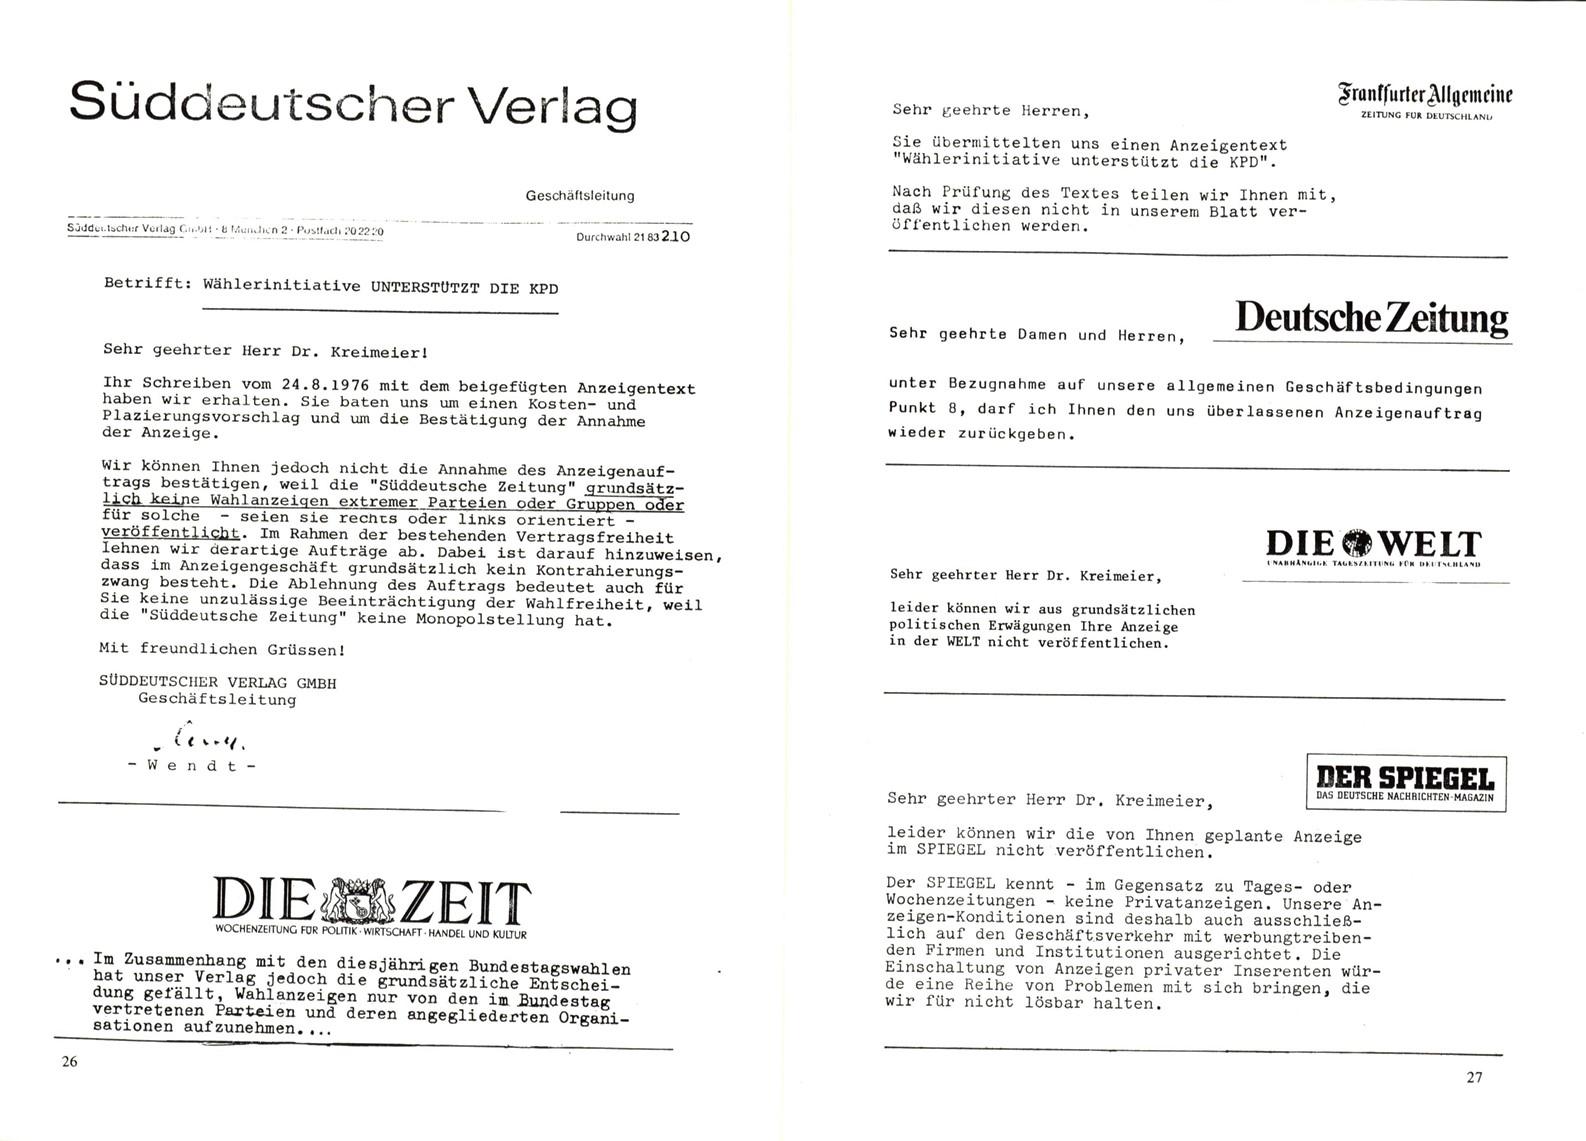 KPDAO_1976_Wahlbehinderungen_im_BTW_15